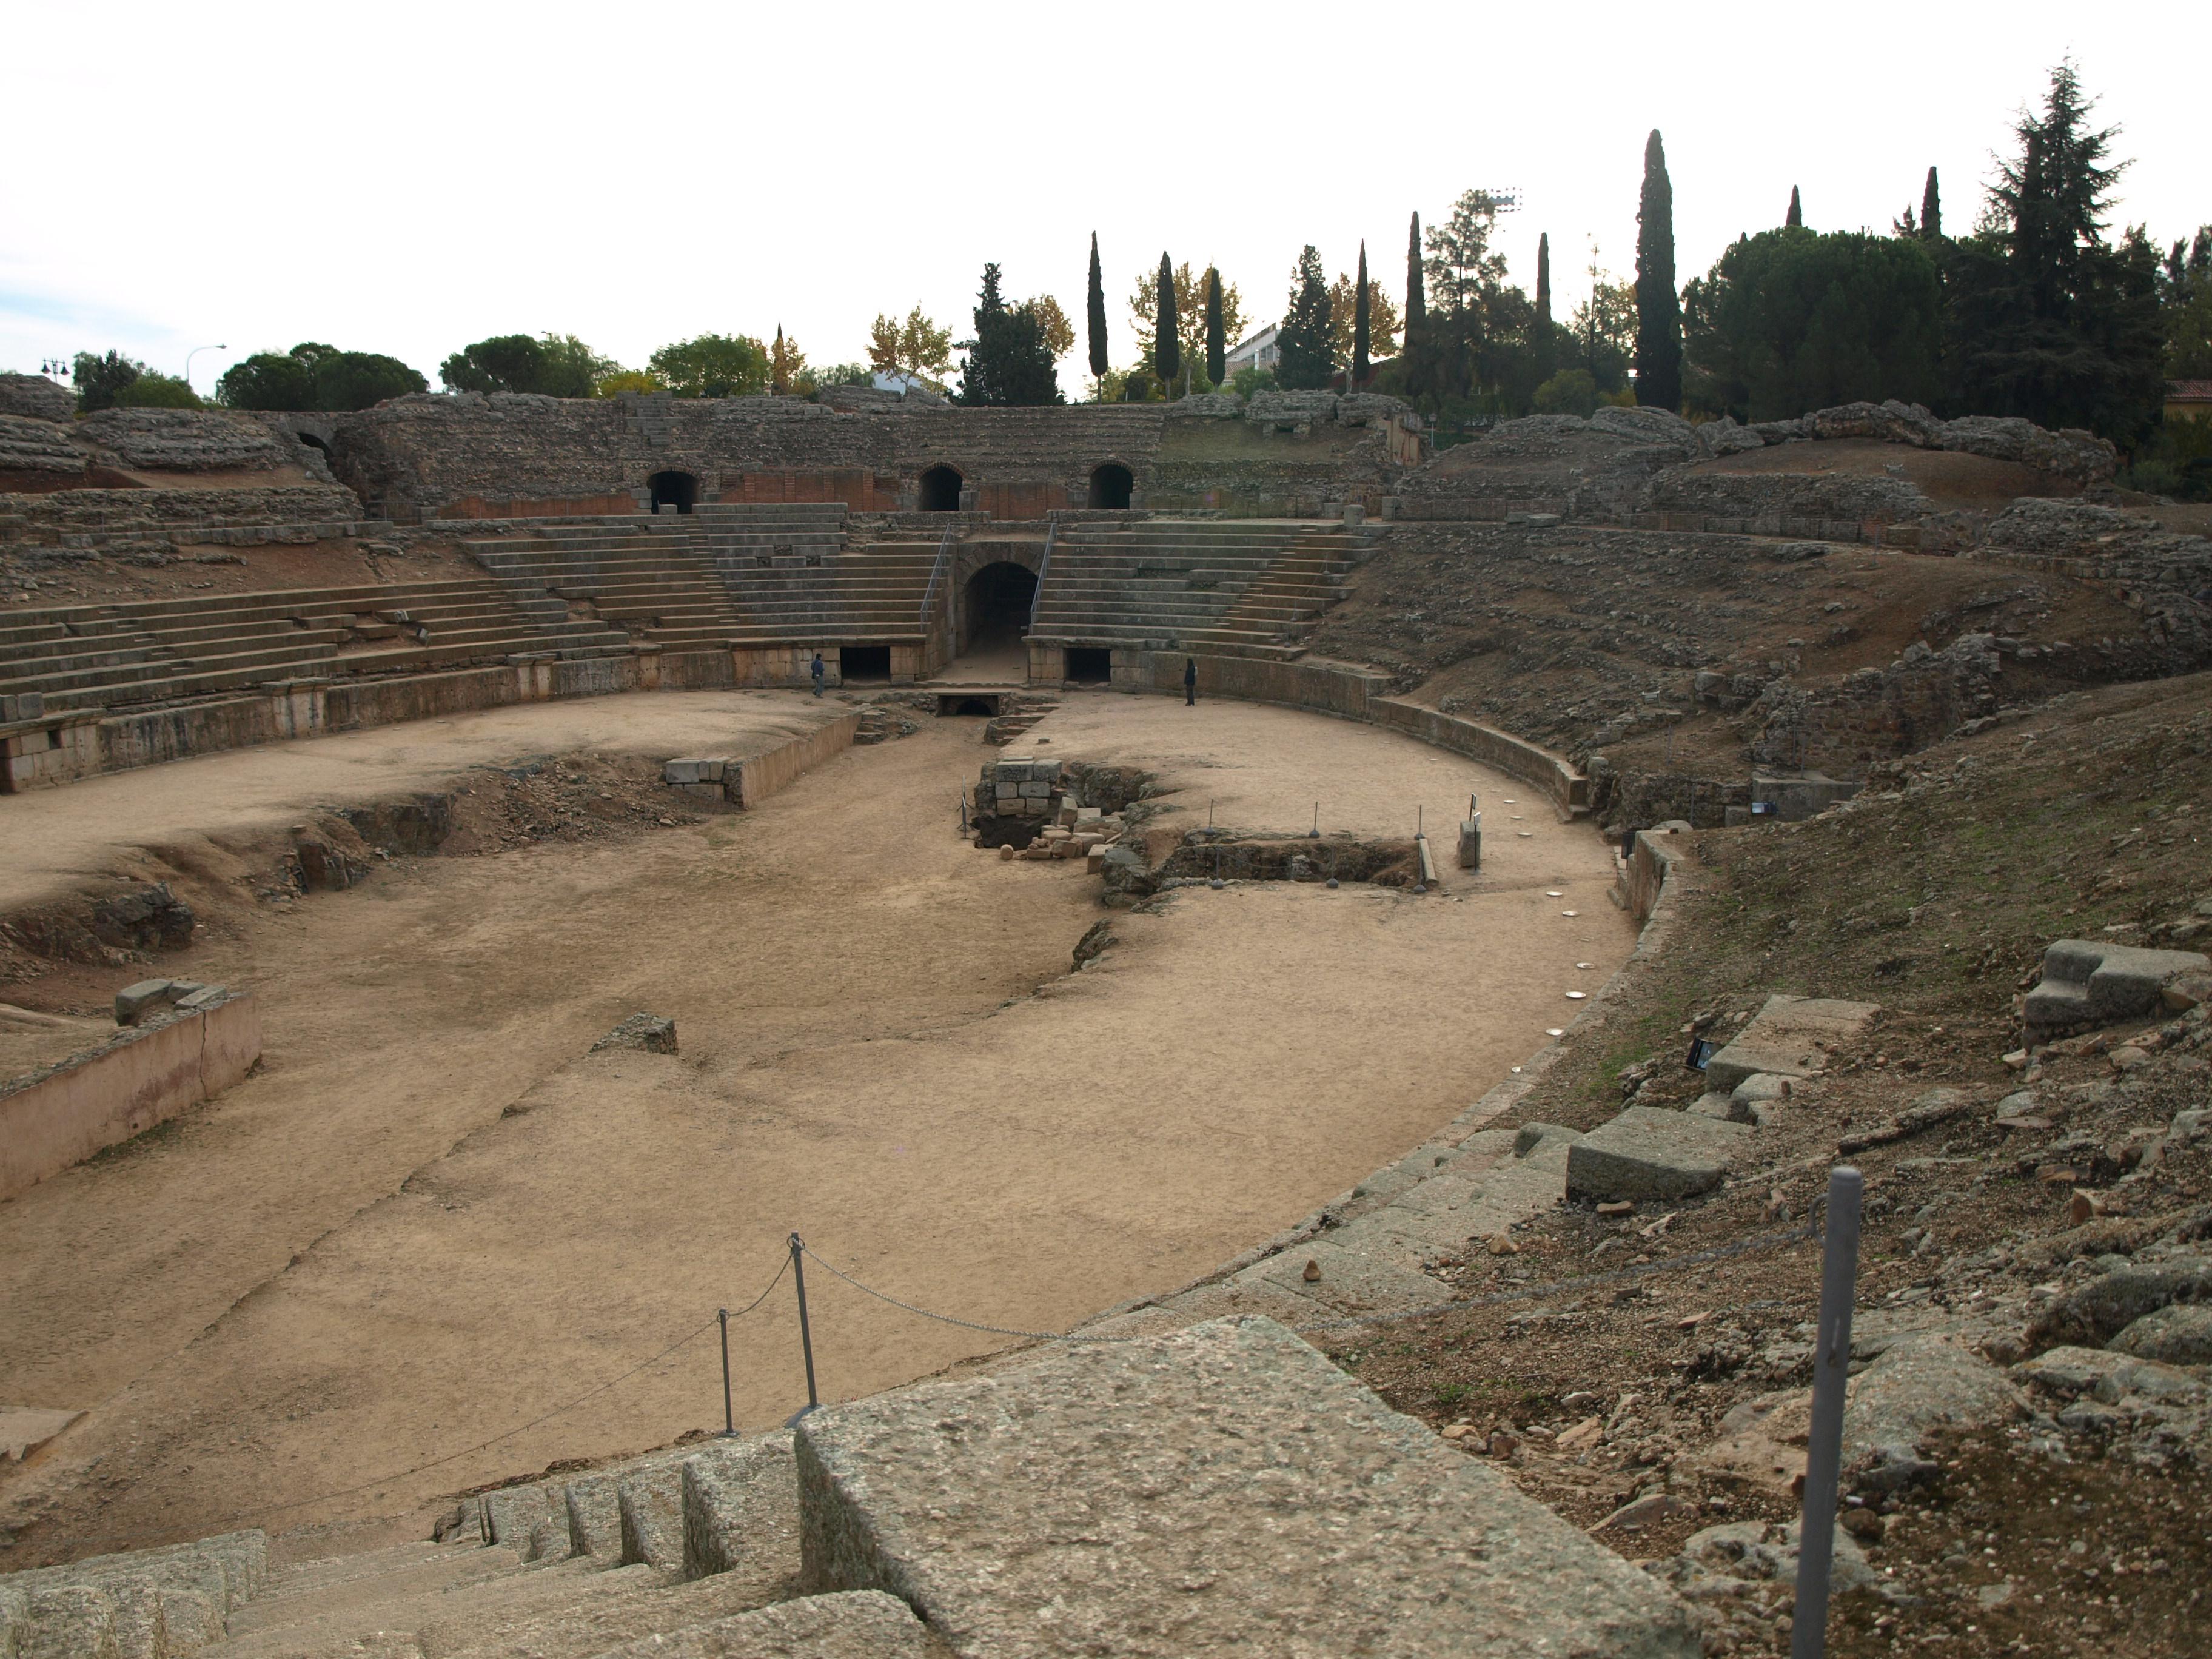 File:Anfiteatro romano de Mérida.JPG - Wikimedia Commons